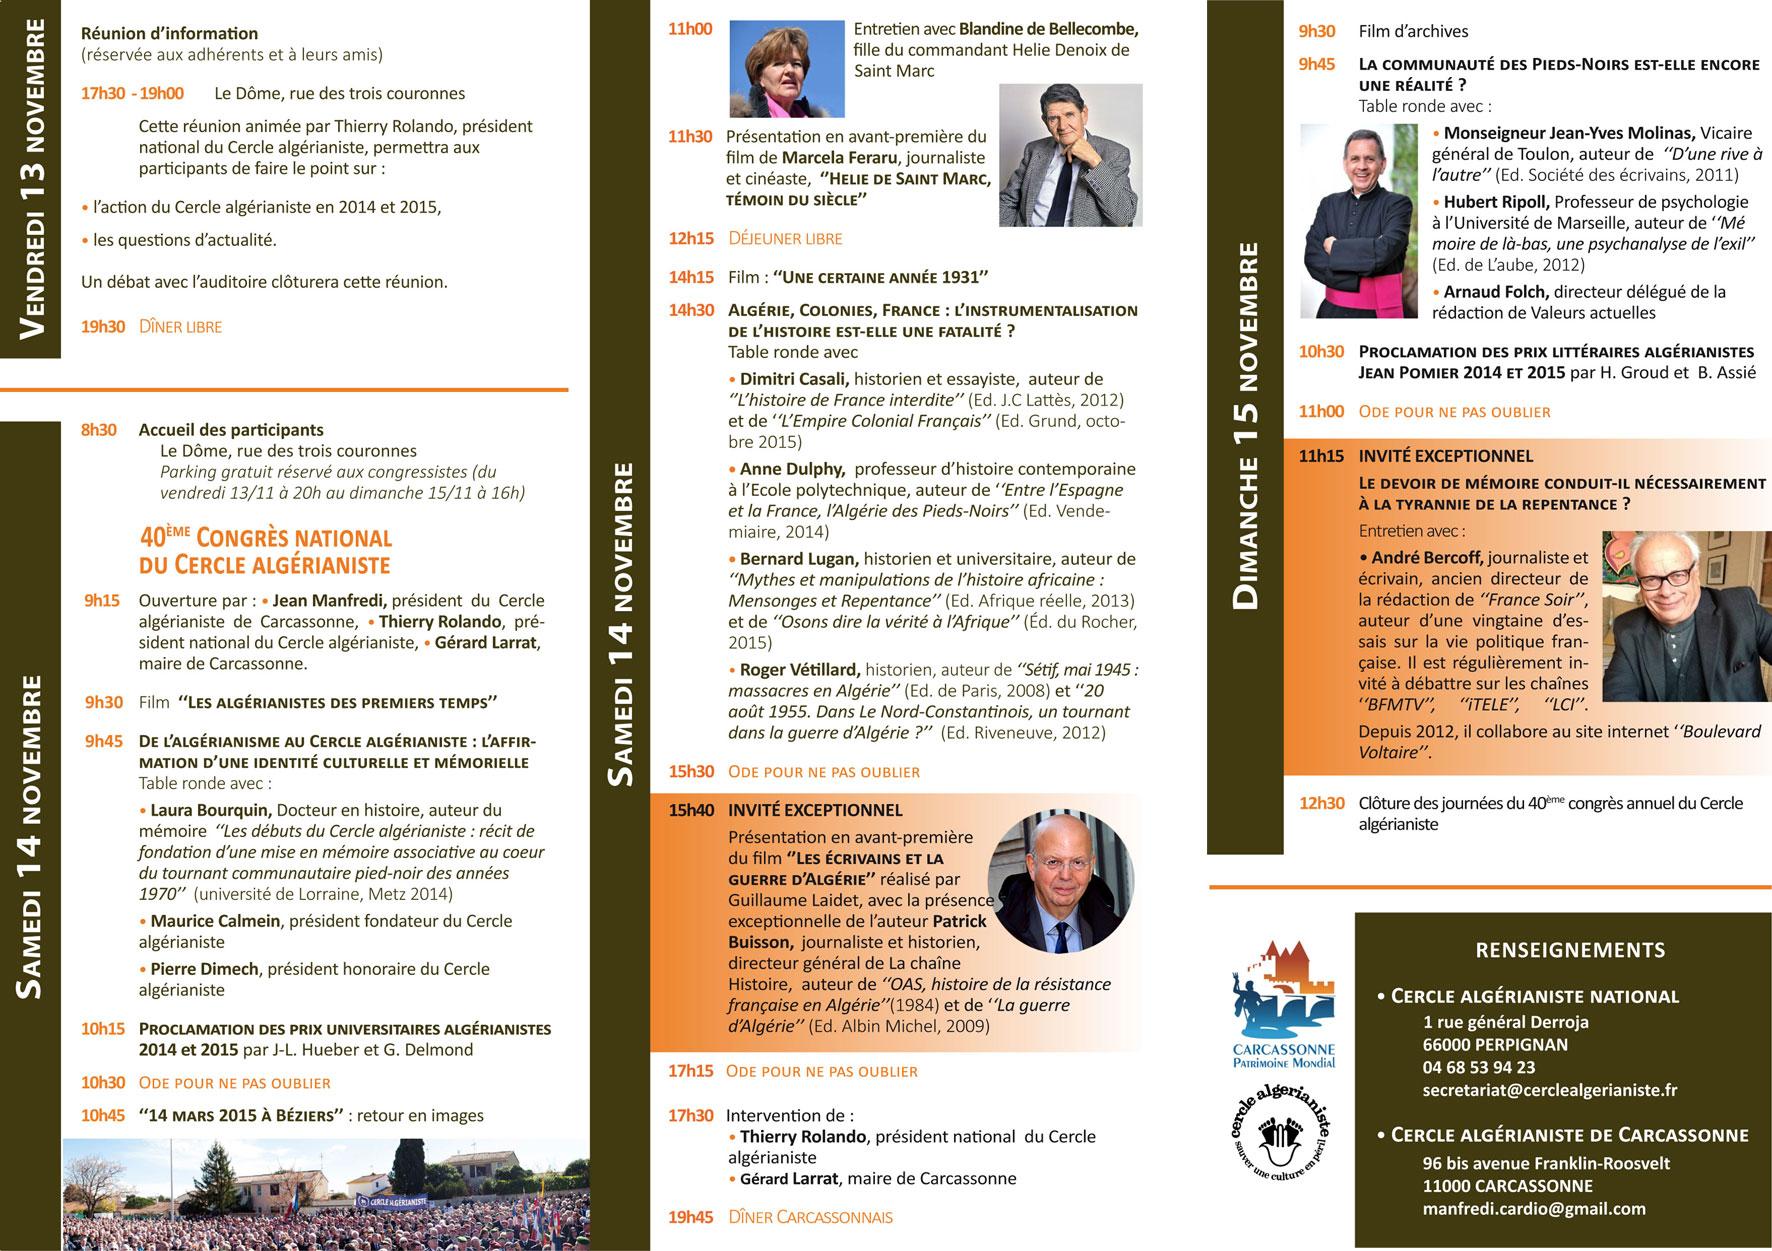 Evènement national 40ème Congrès du Cercle algérianiste Programme-2015-Site